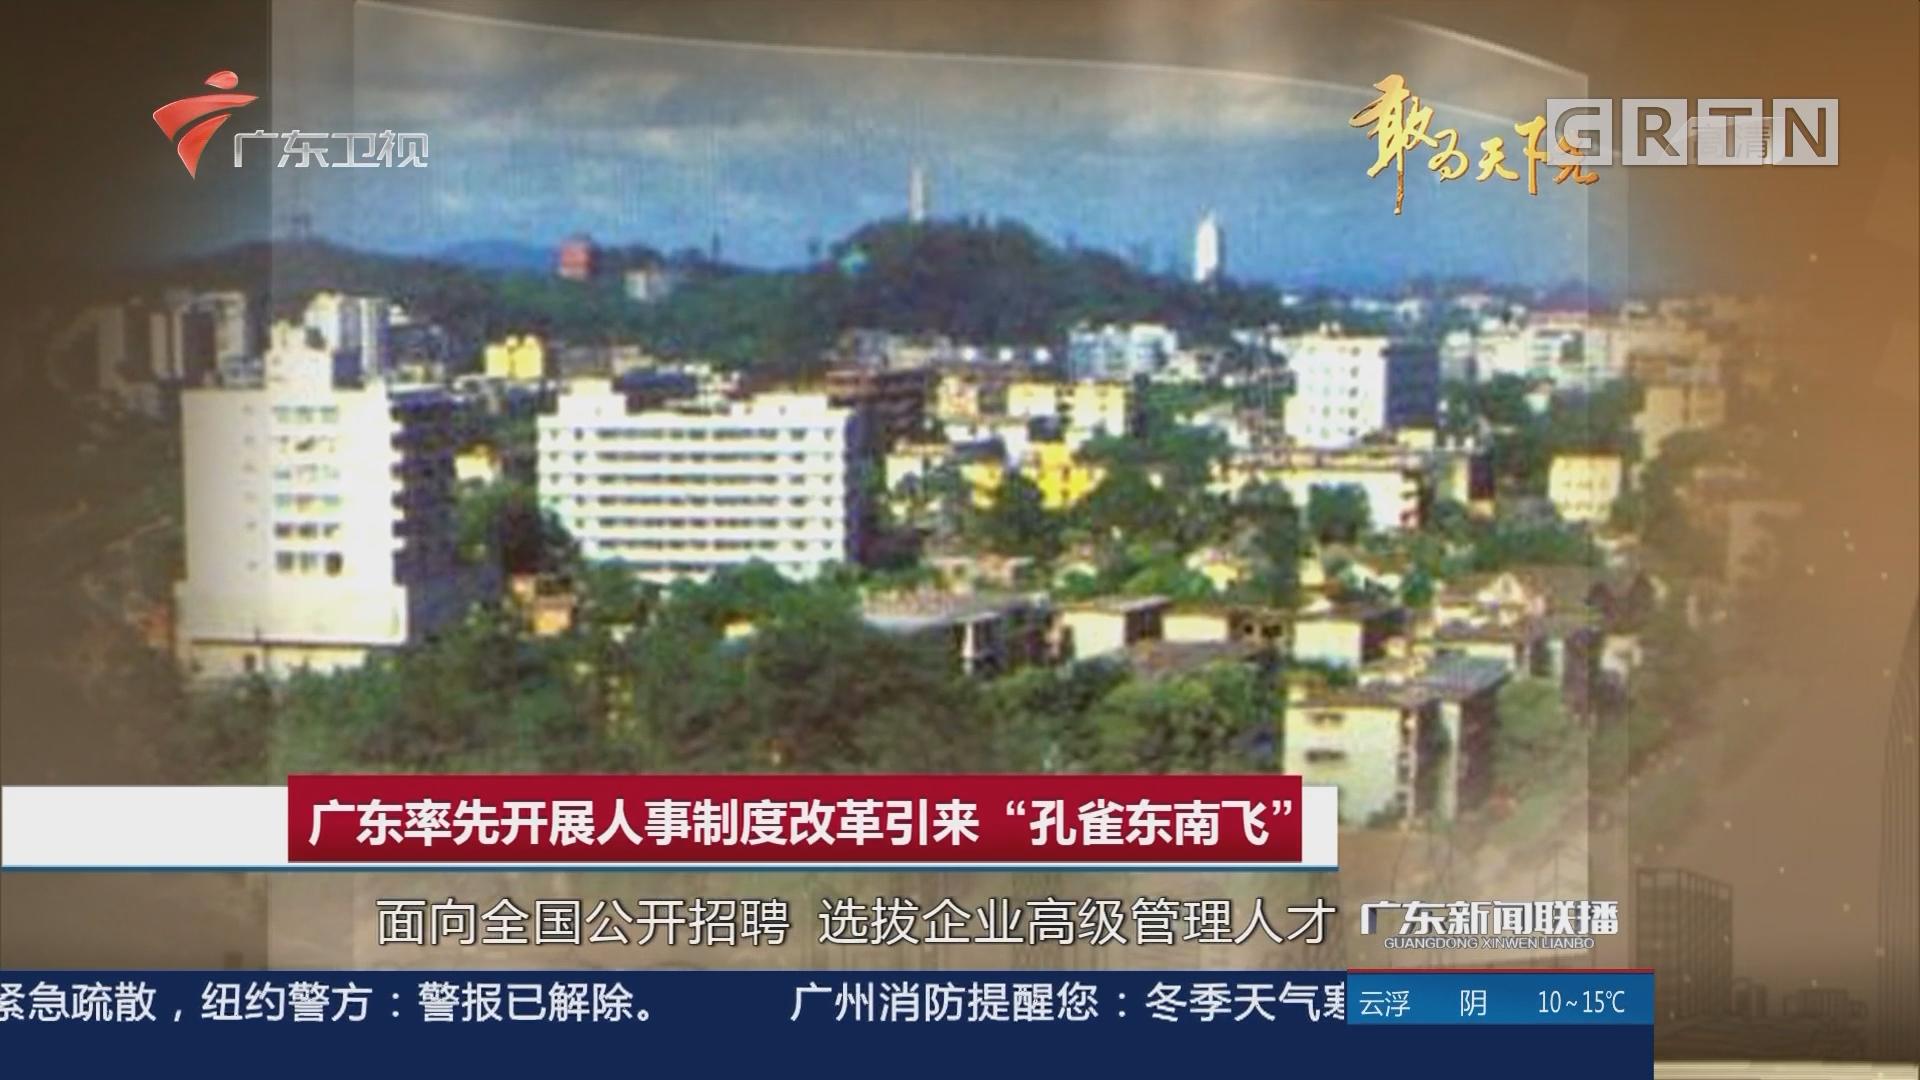 """广东率先开展人事制度改革引来""""孔雀东南飞"""""""